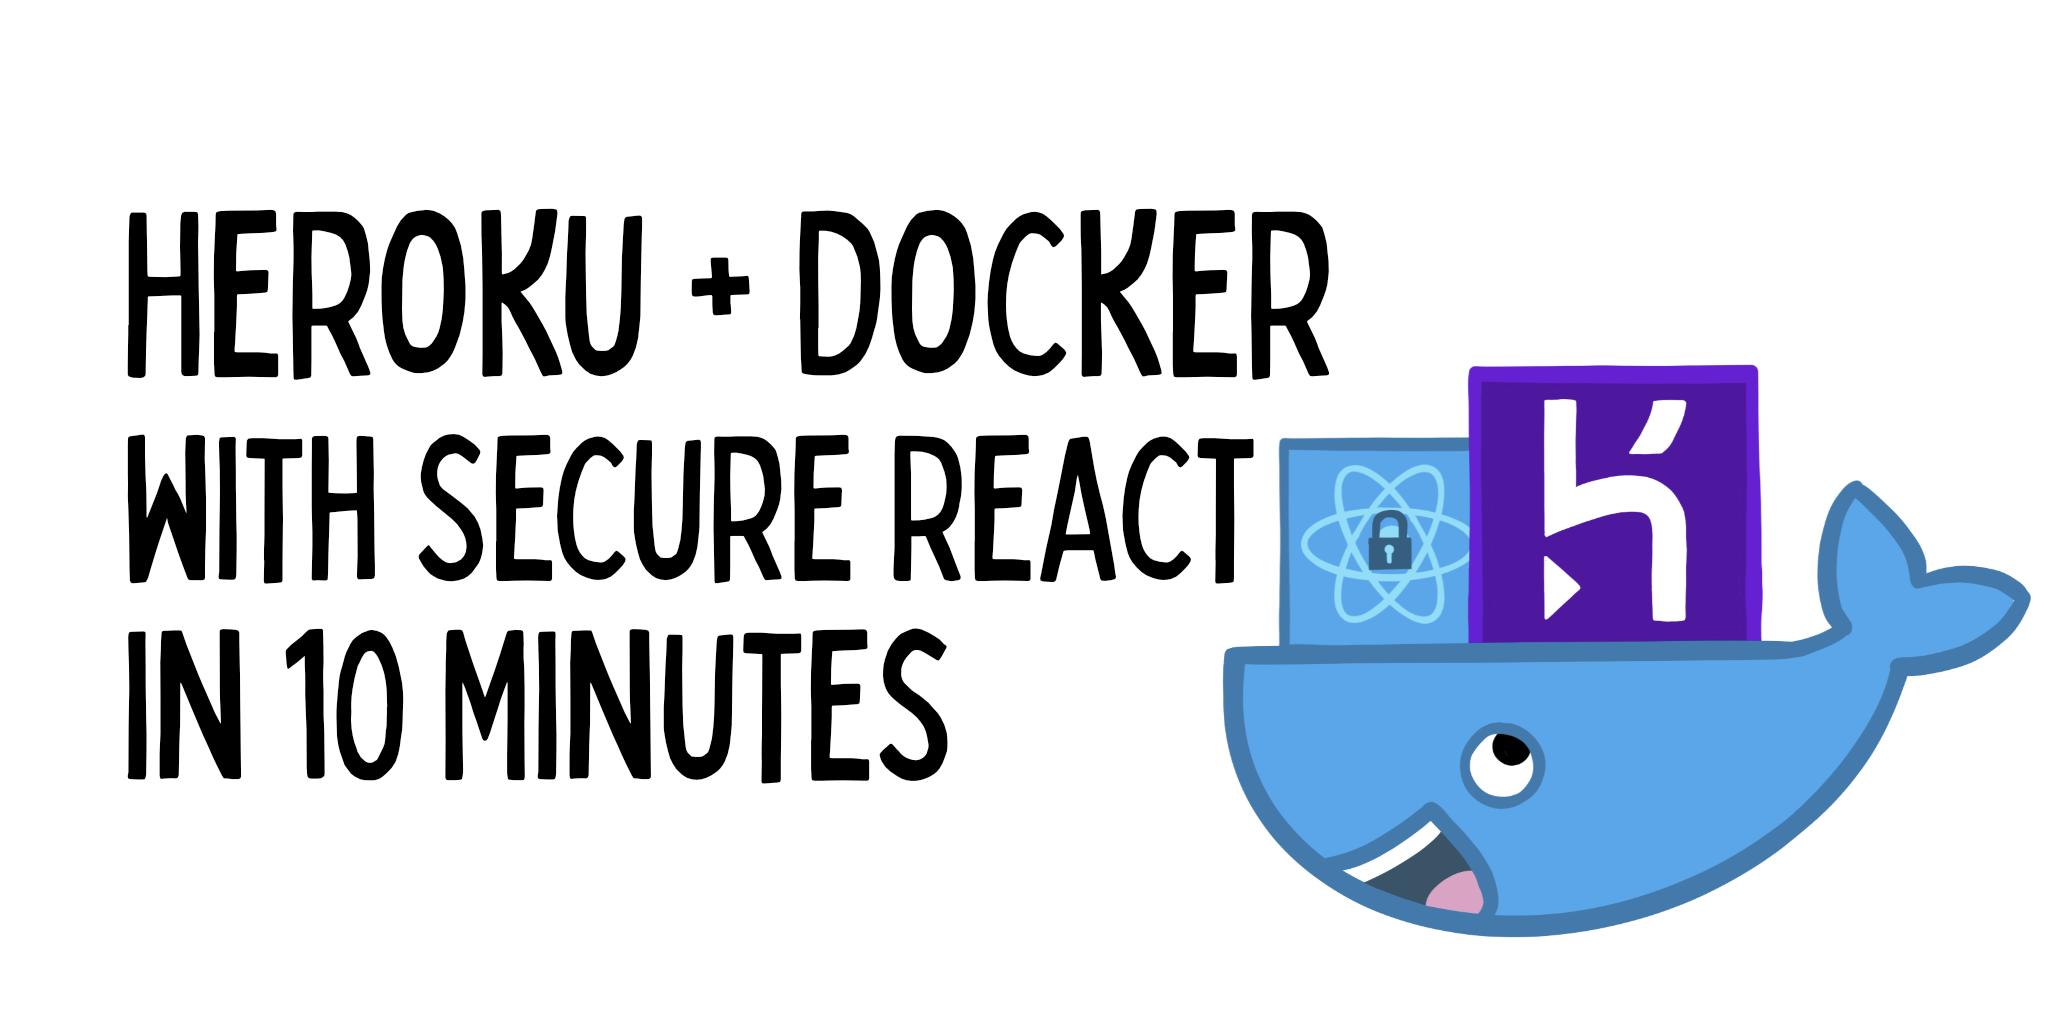 Heroku + Docker = 💜